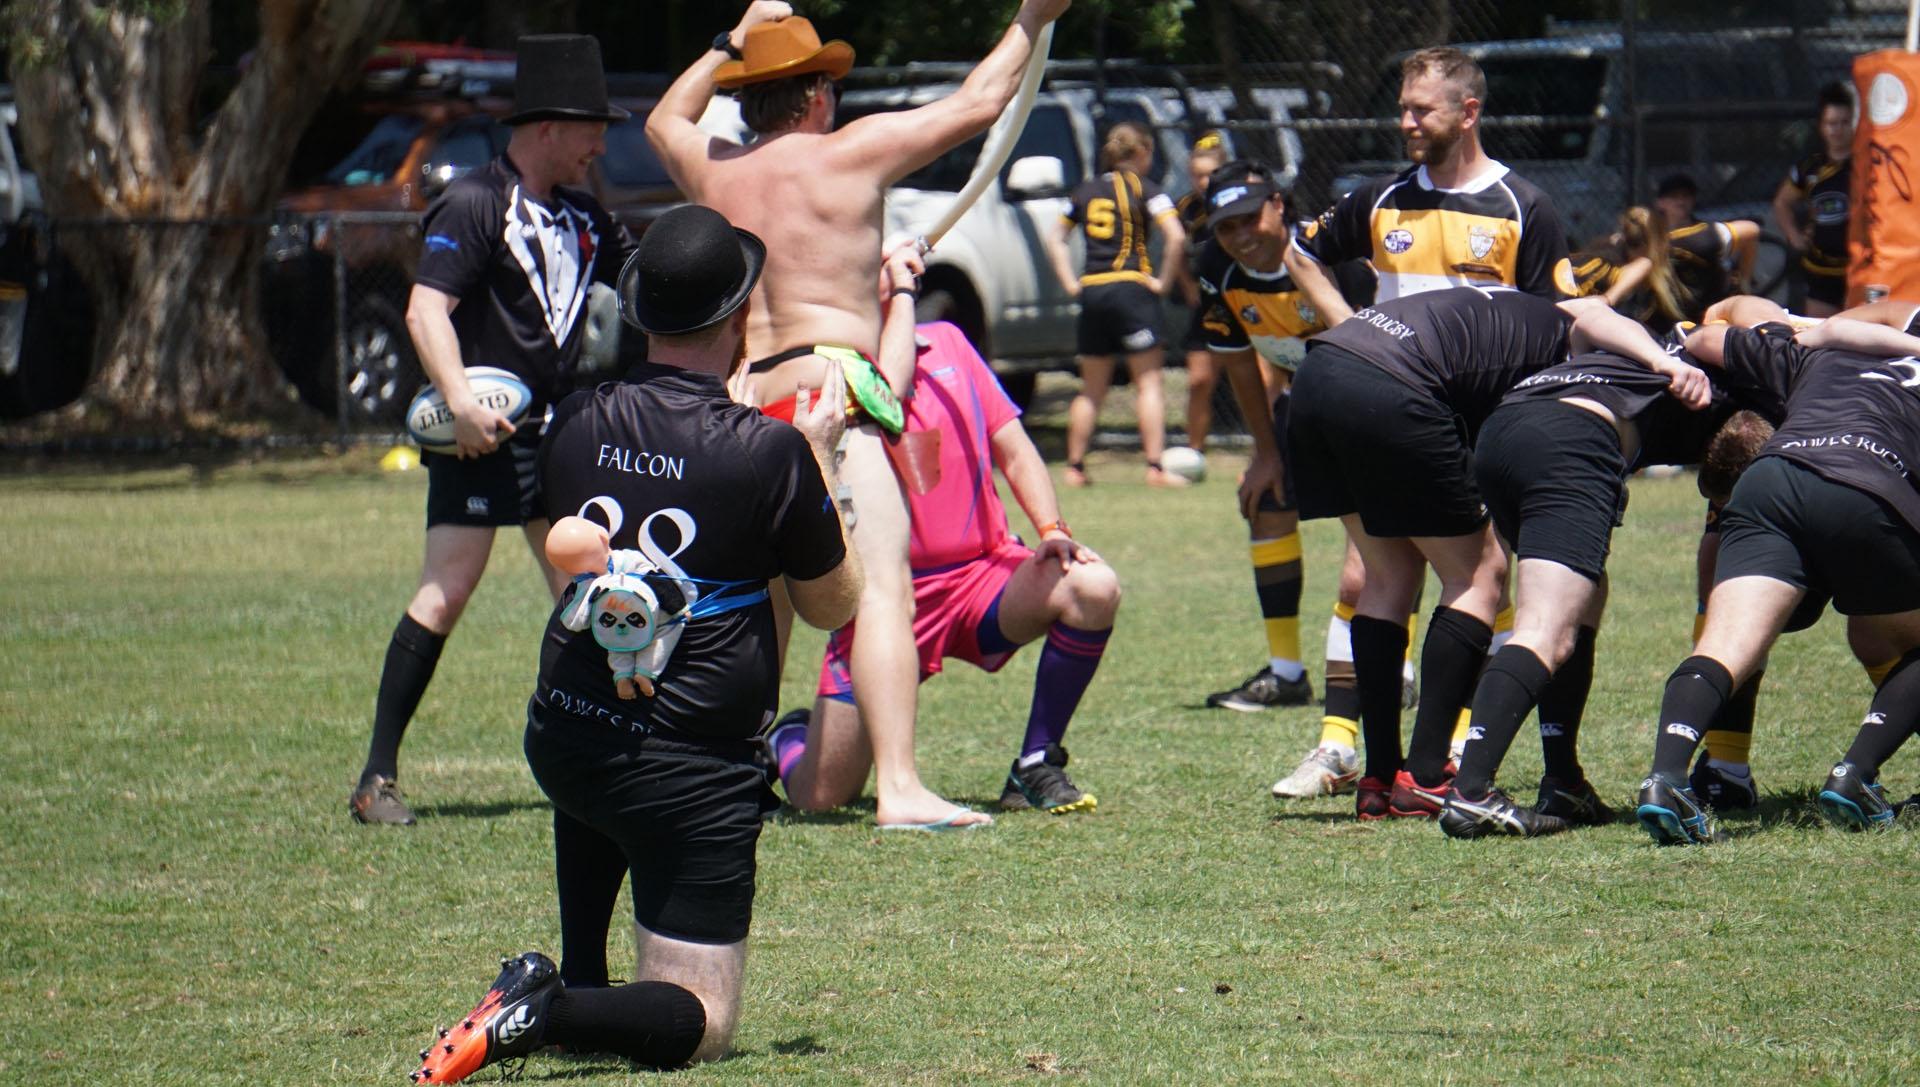 191019-20_Byron Bay Rugby 7s 2019_115